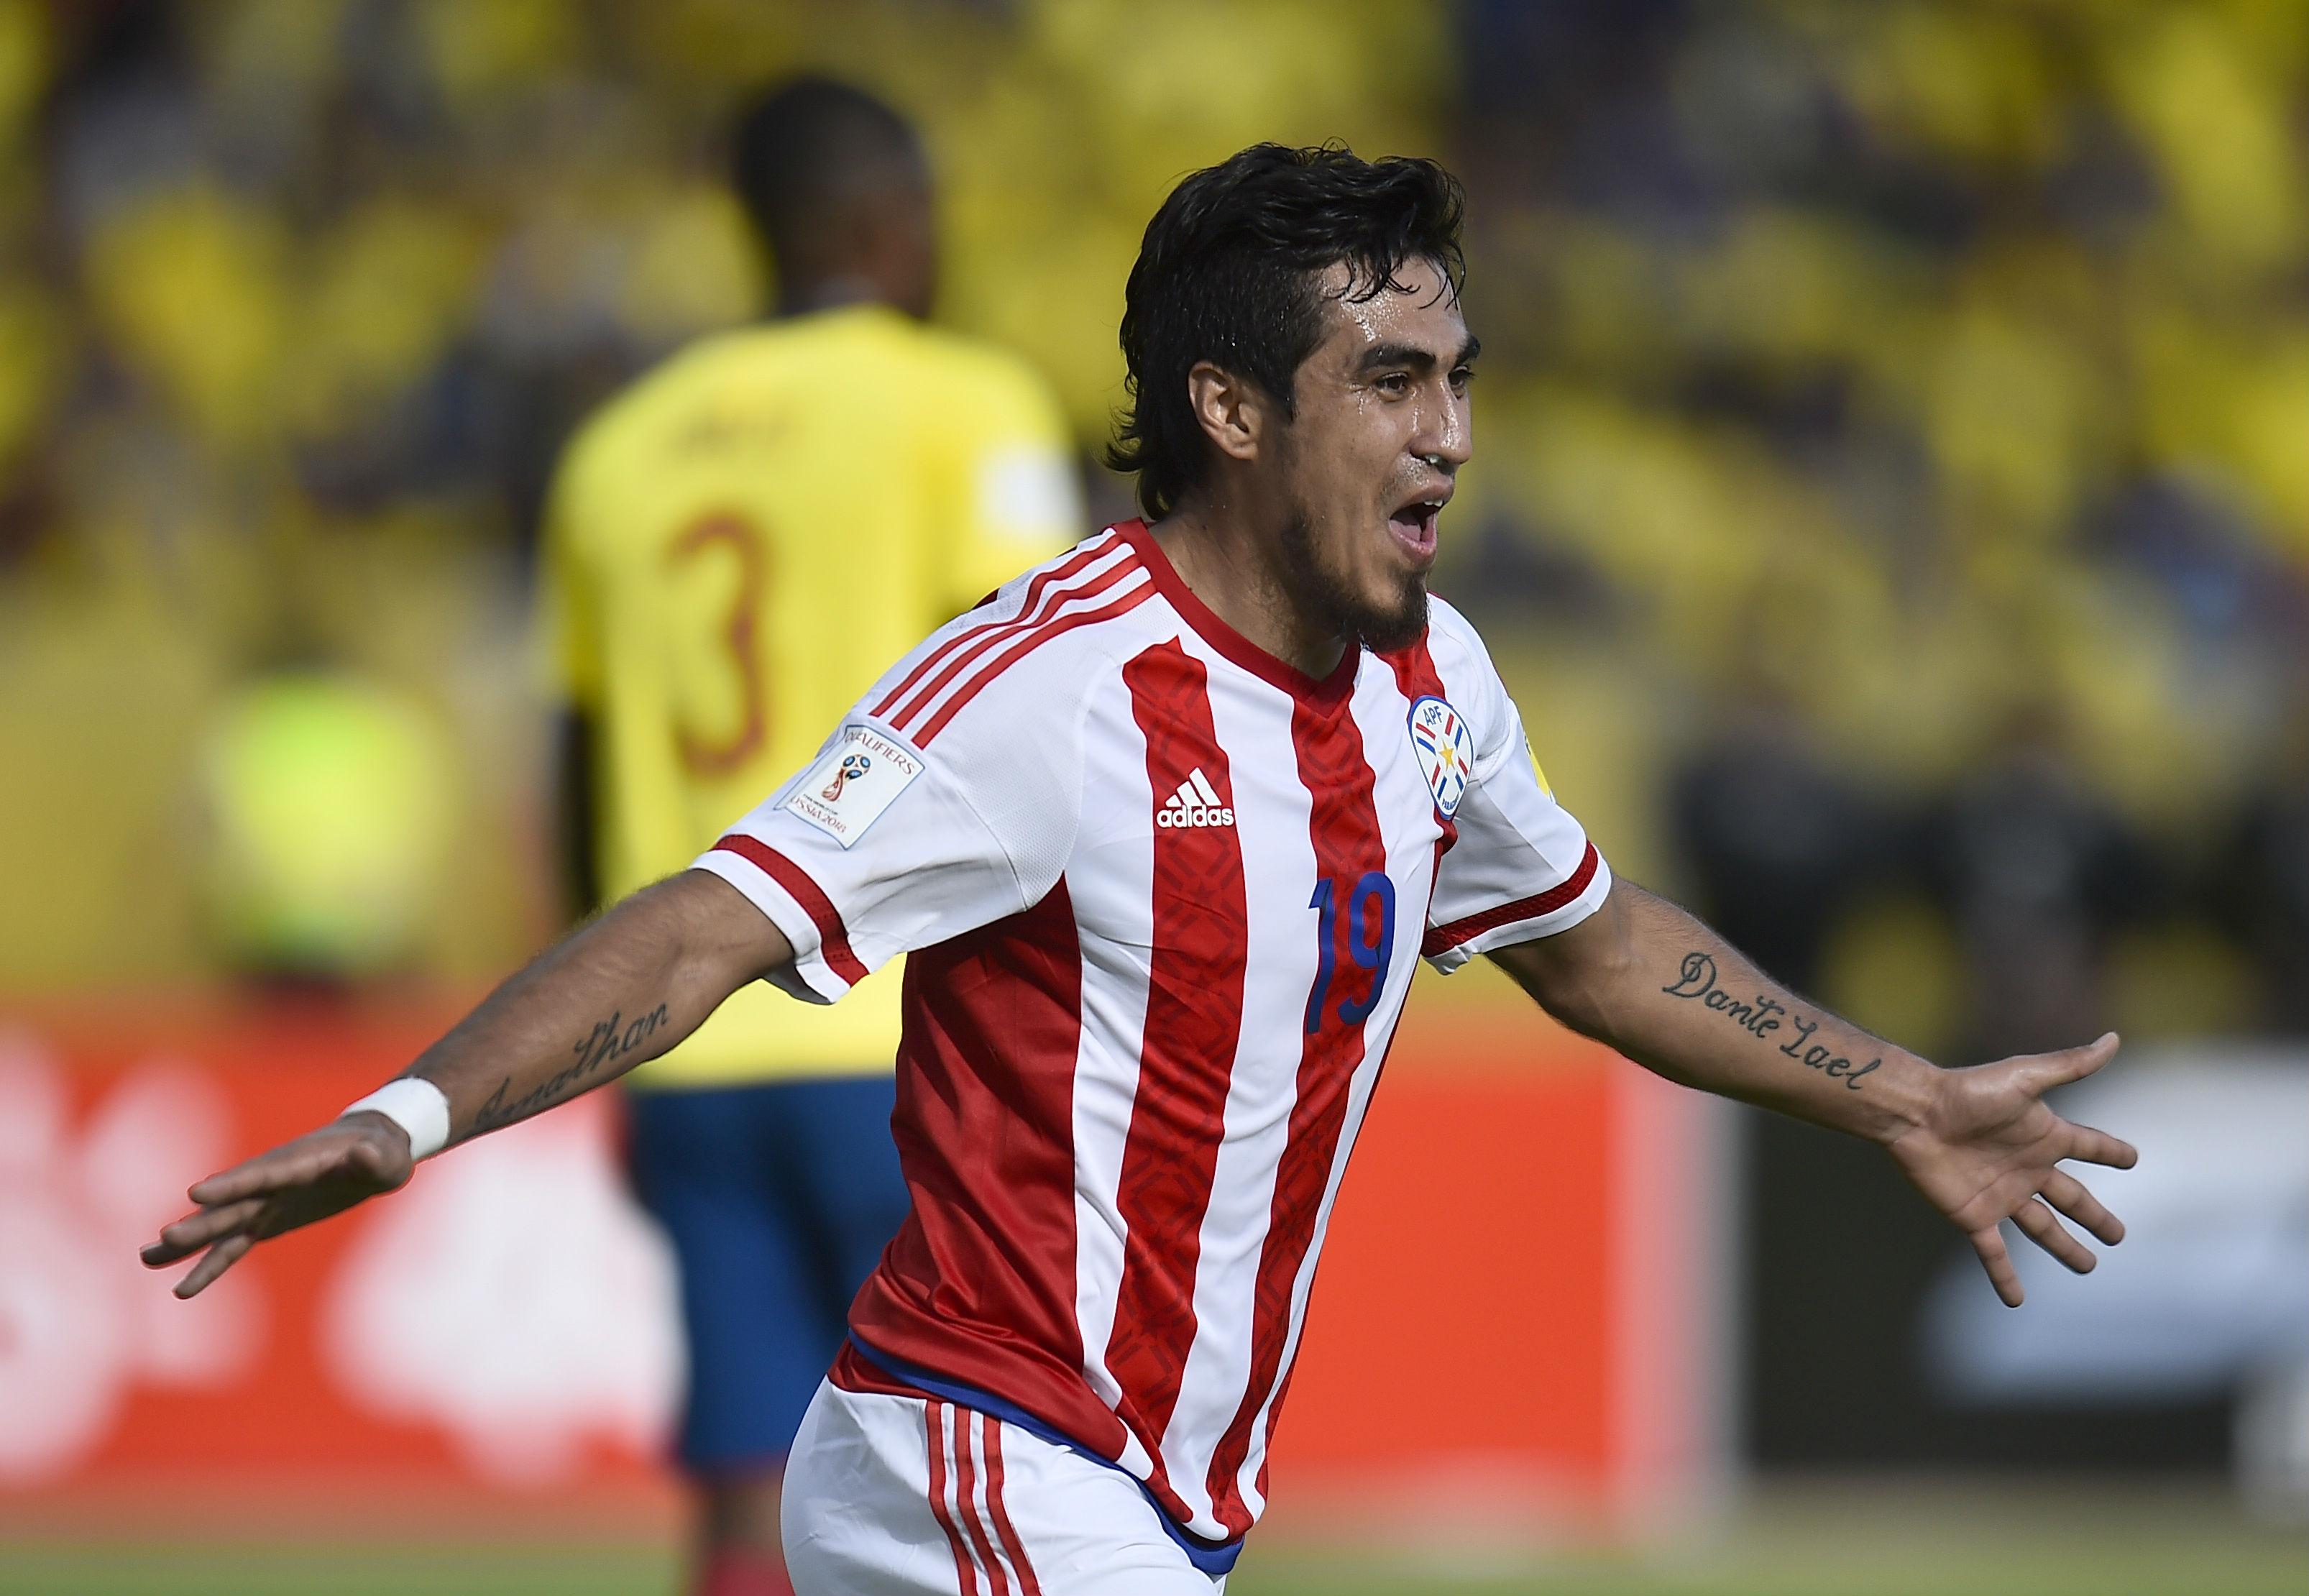 Darío Lezcano renuncia a la Albirroja y dispara contra Chiqui Arce